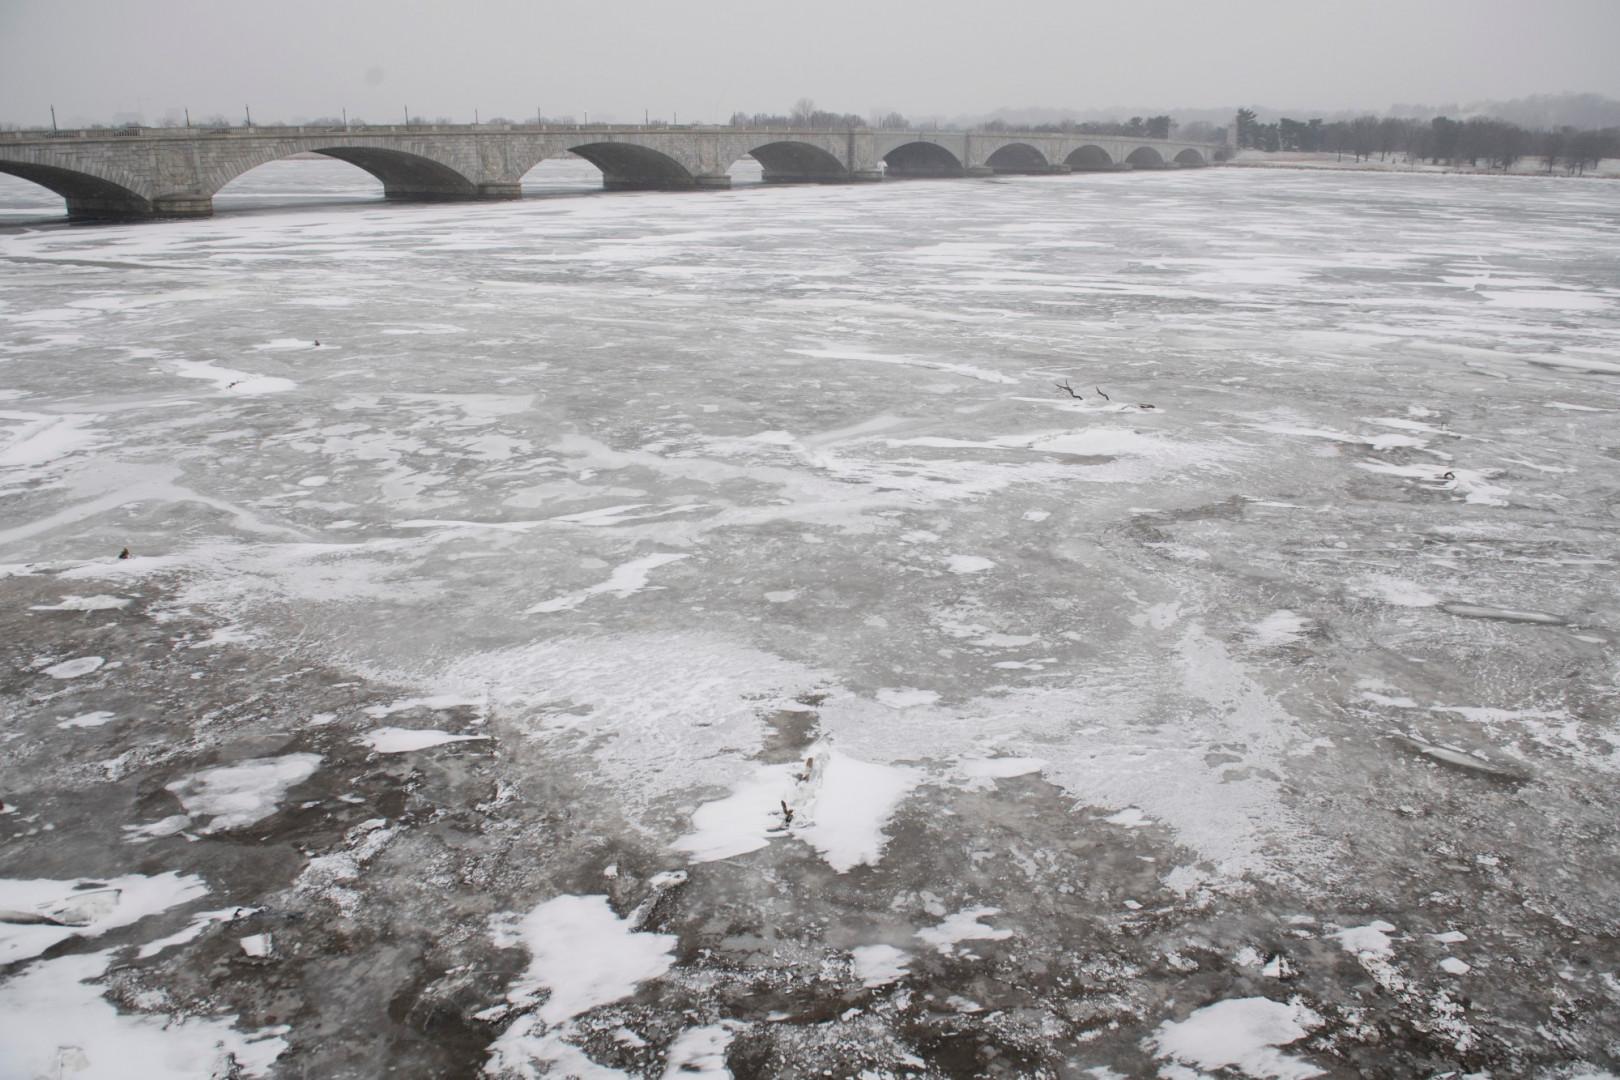 La rivière Potomac, à Washington, est complètement gelée en surface